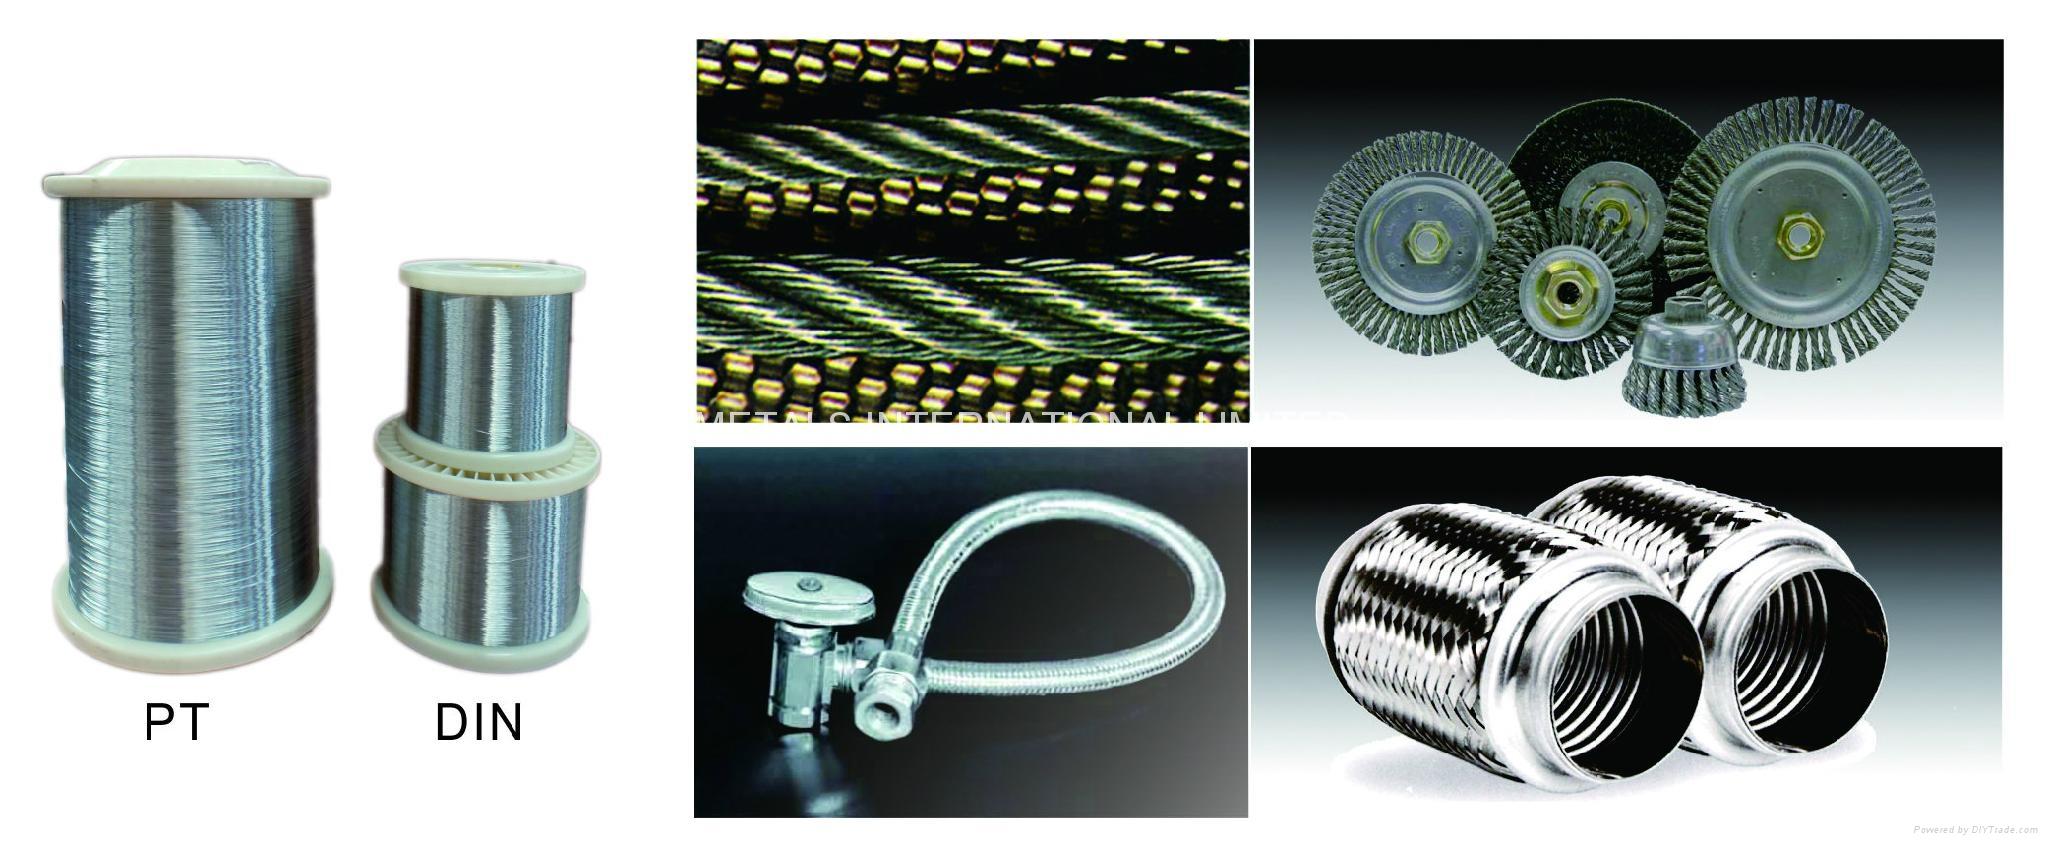 ASTM A478/ASTM A492/ASTM A493ASTM A555/ASTM A581 STAINLESS  WIRE/ELECTRODE 12